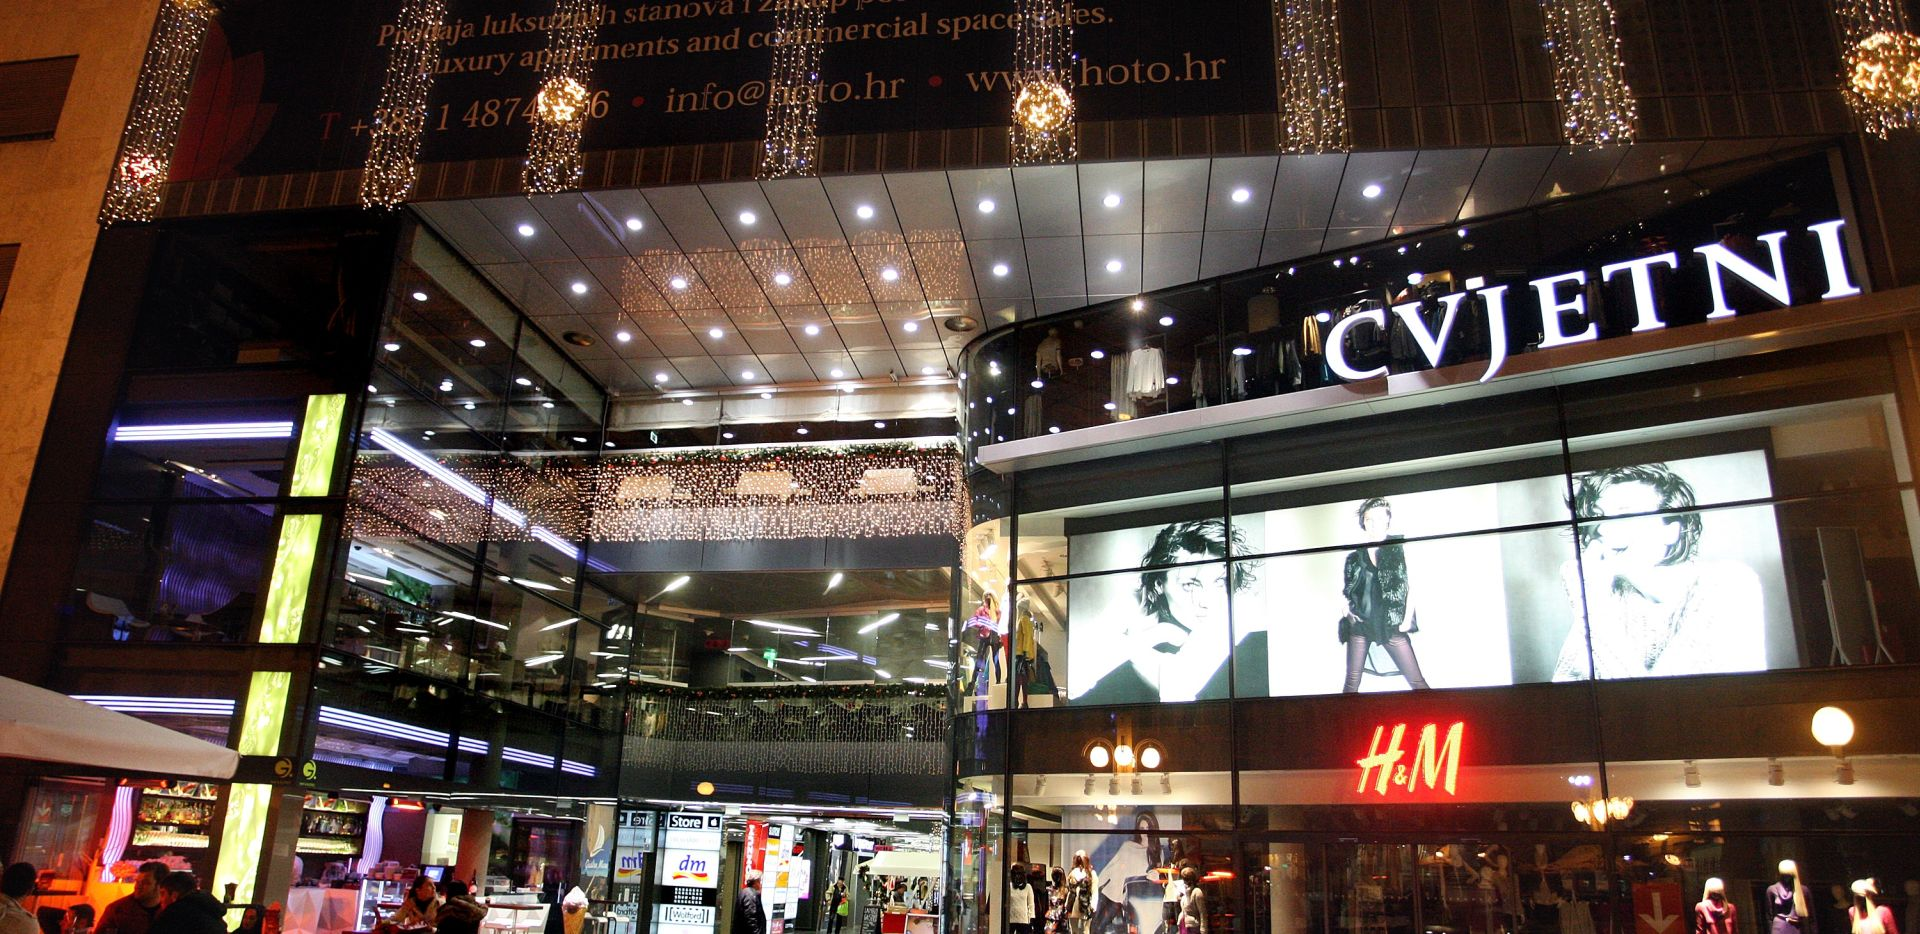 Horvatinčićev ogromni dug Austrijanci prodaju pod čudnim okolnostima